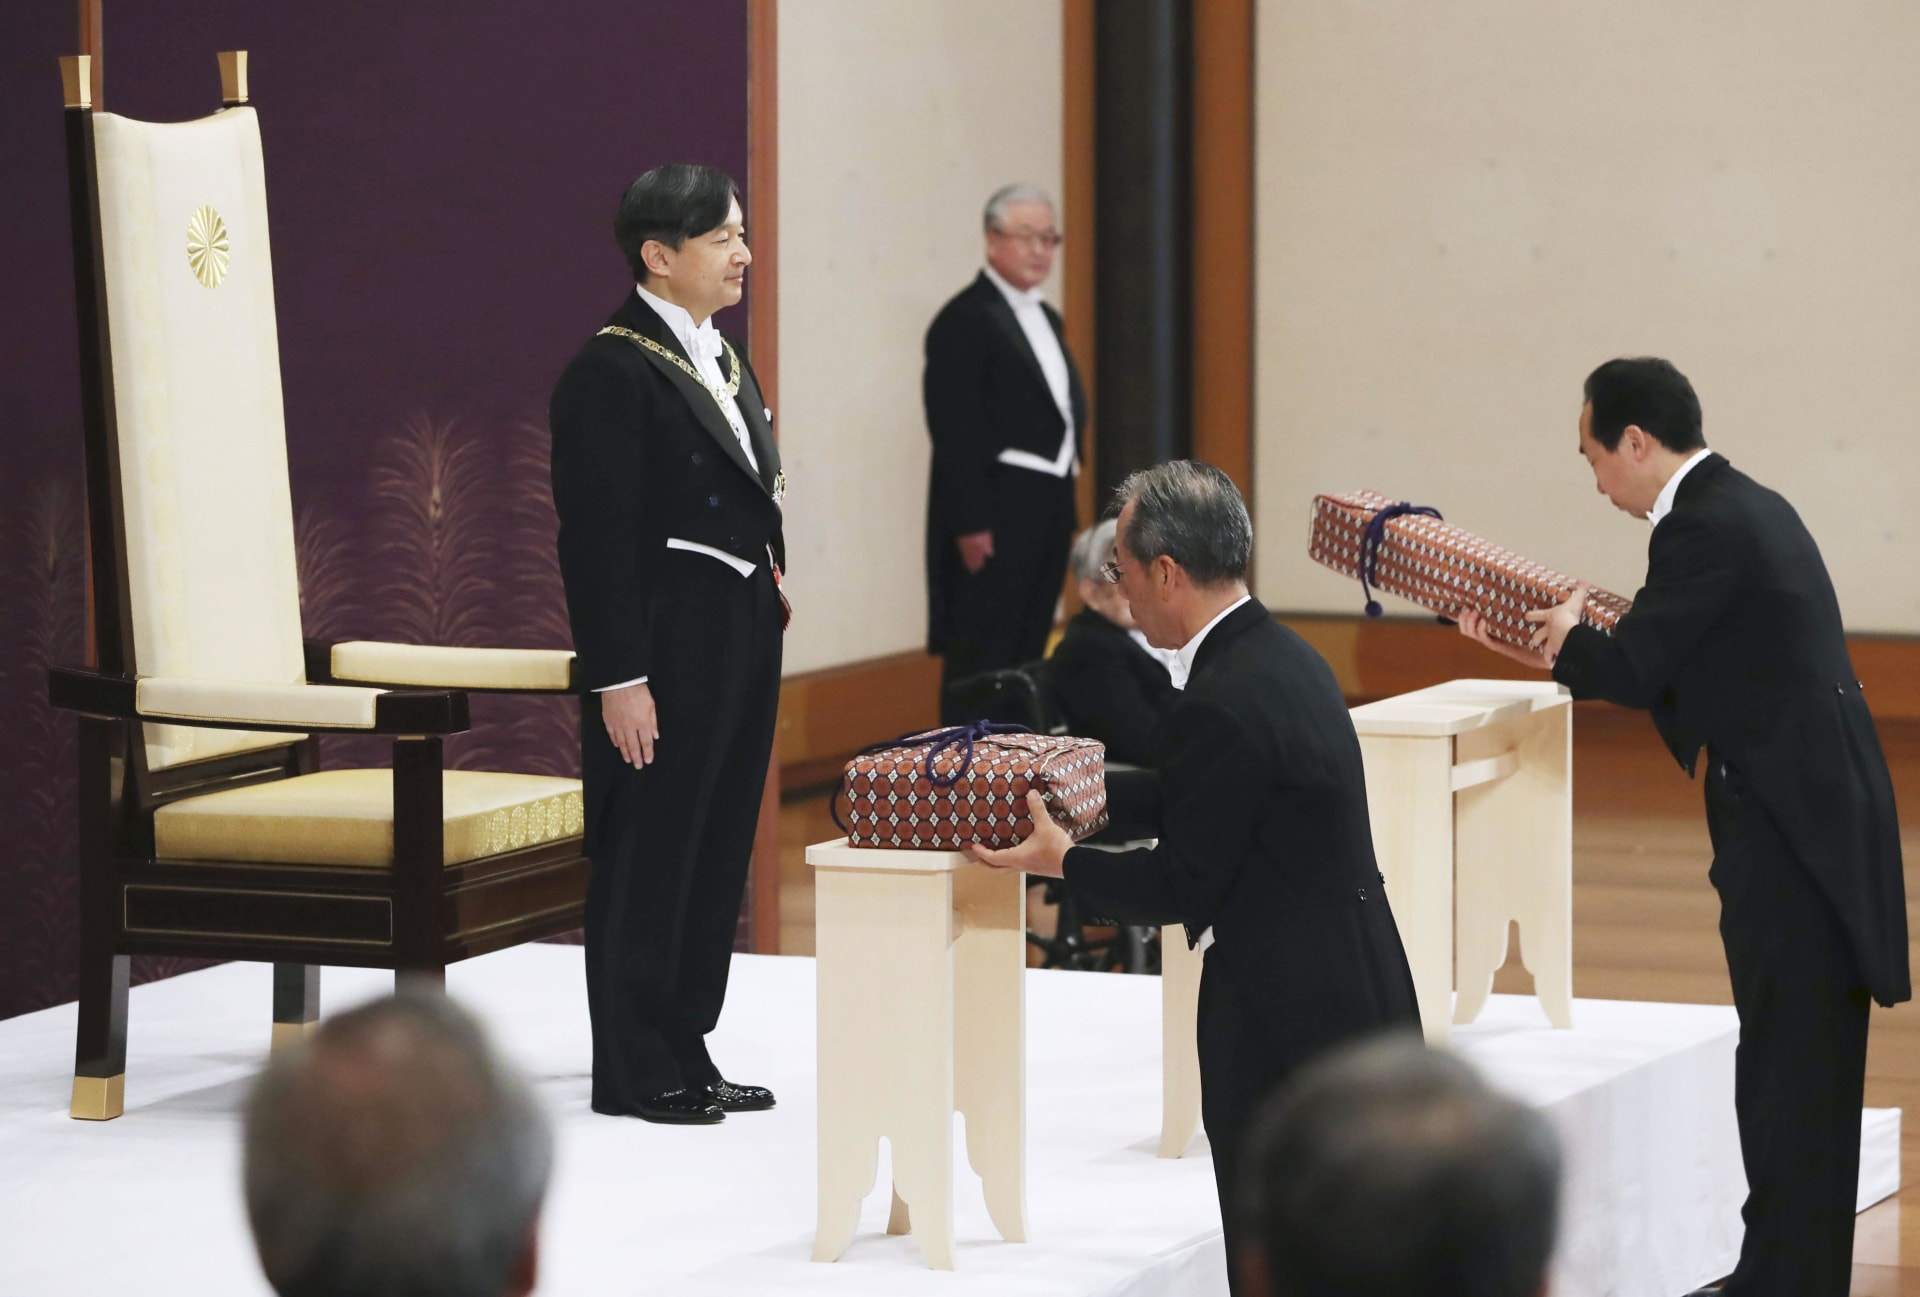 حفل تنصيب إمبراطور اليابان الجديد